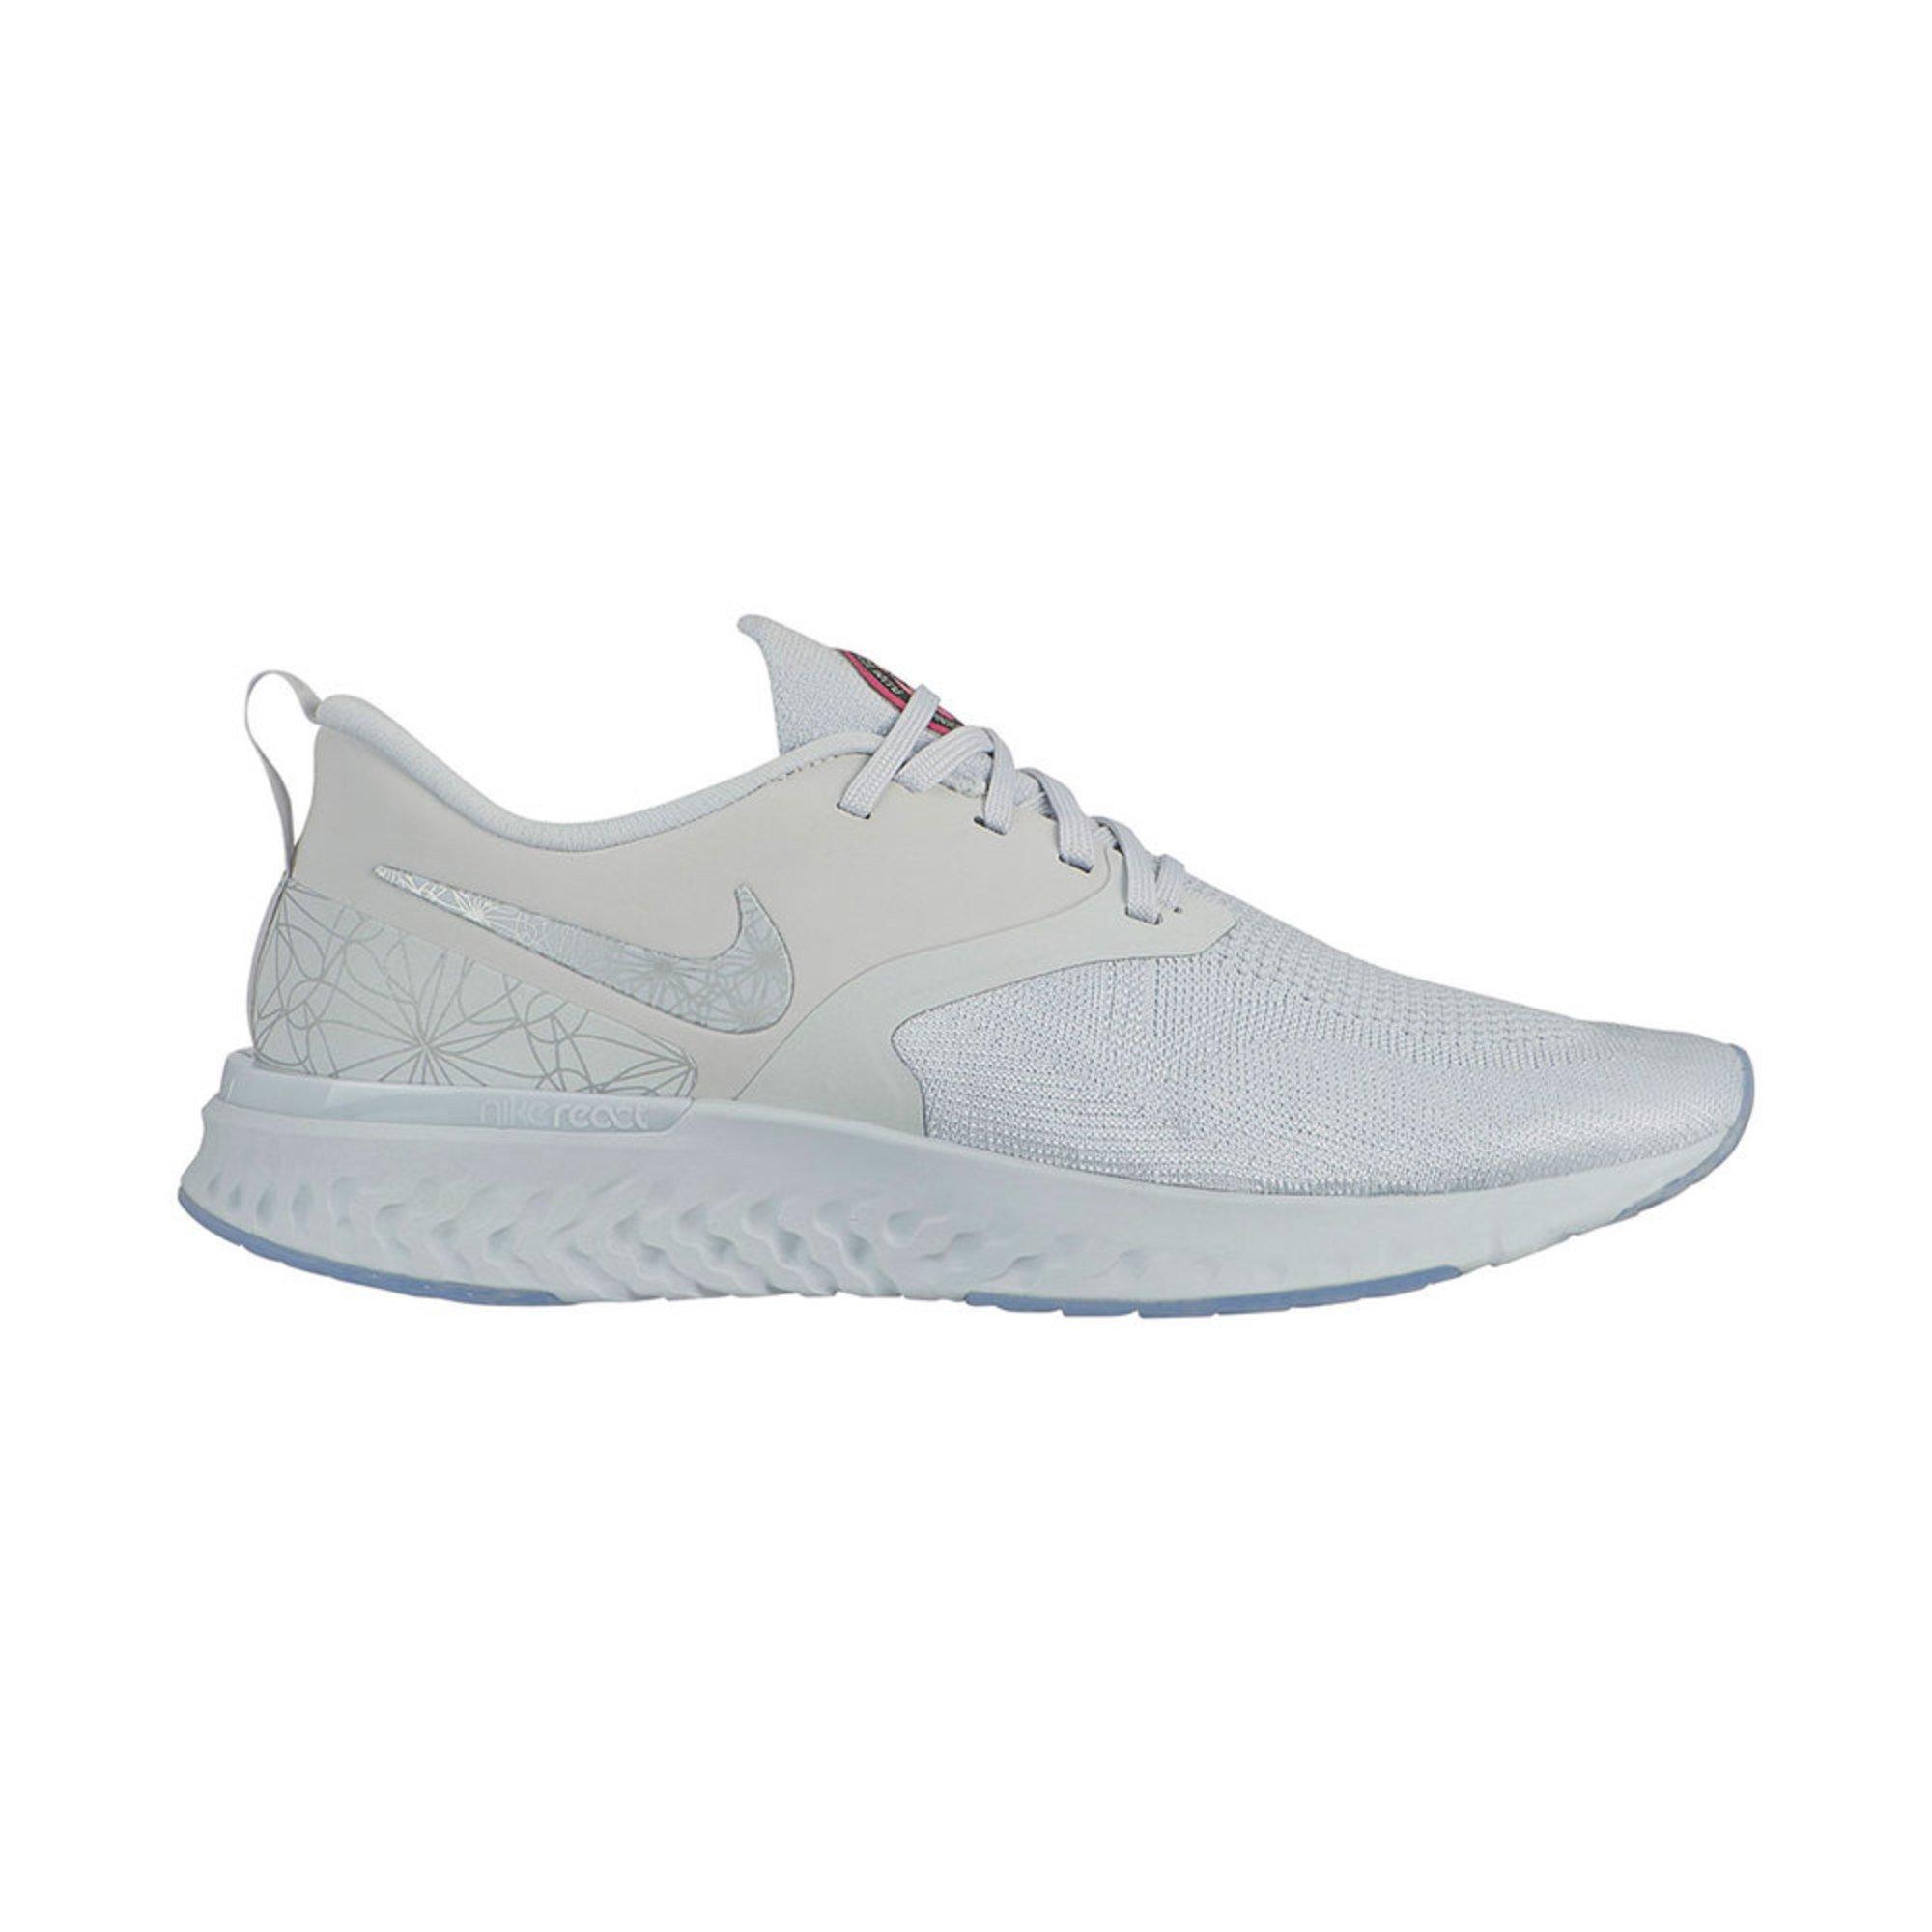 6279e3ffecbee Nike Men s Odyssey React 2 Flyknit Gpx Running Shoe